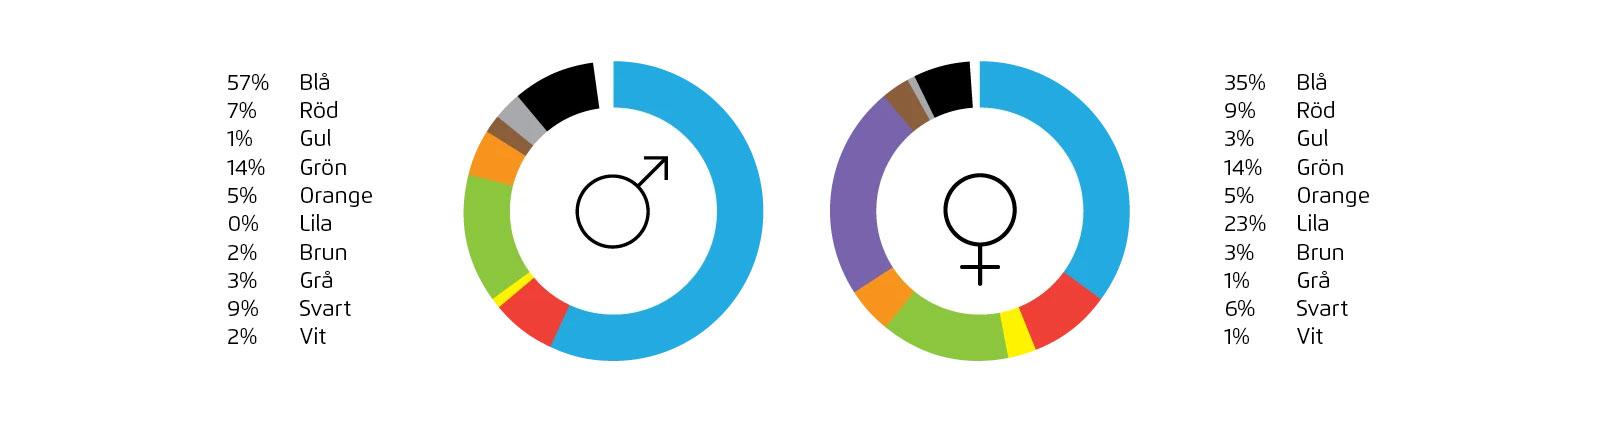 Favoritfärger baserat på kön